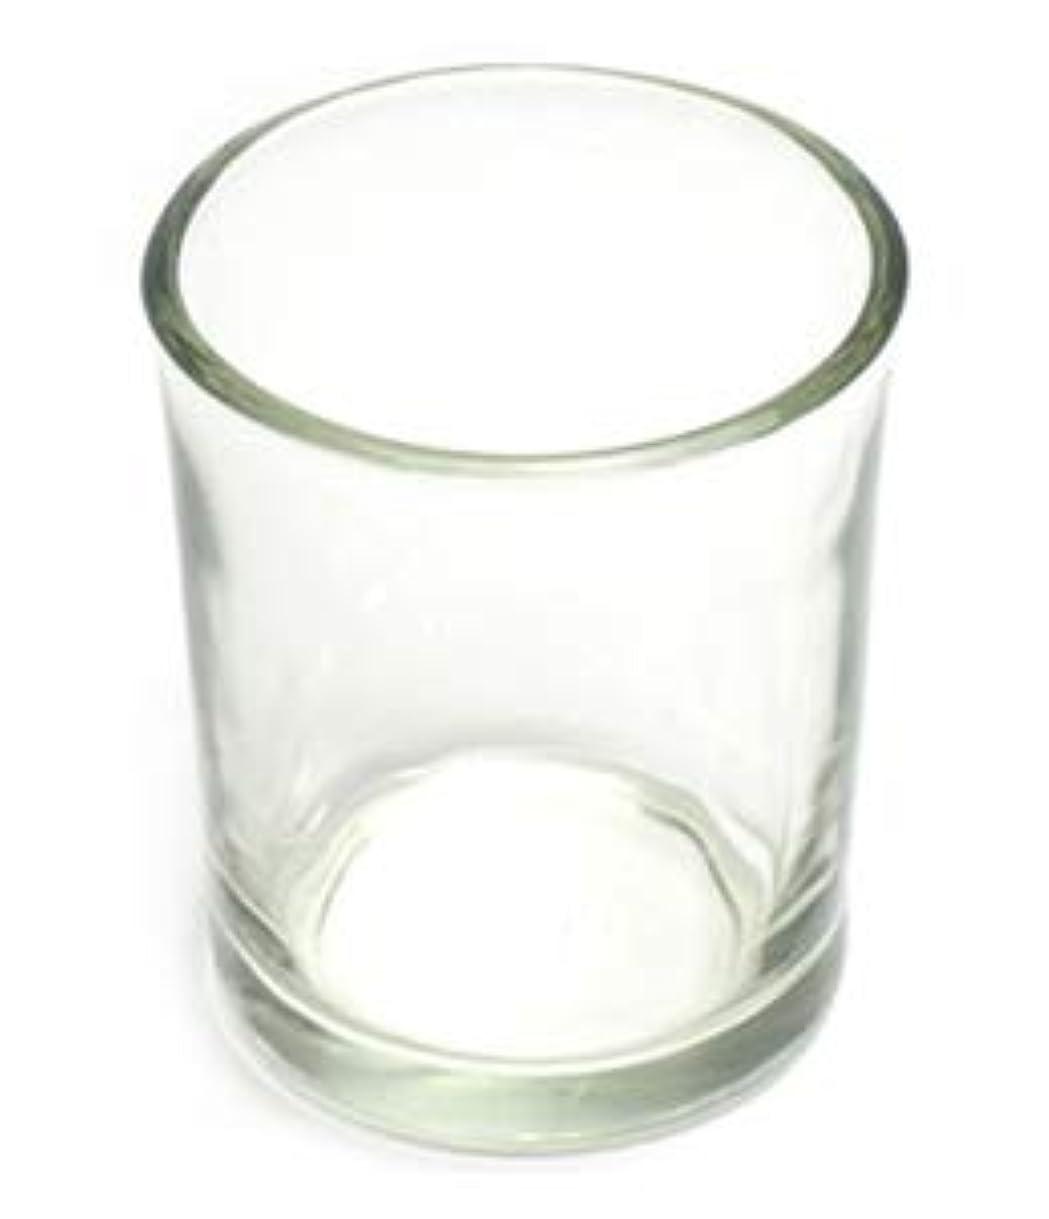 準備ができて泥沼忌まわしいキャンドルホルダー ガラス シンプル[小] 1個 キャンドルスタンド 透明 クリア おしゃれ ろうそく立て